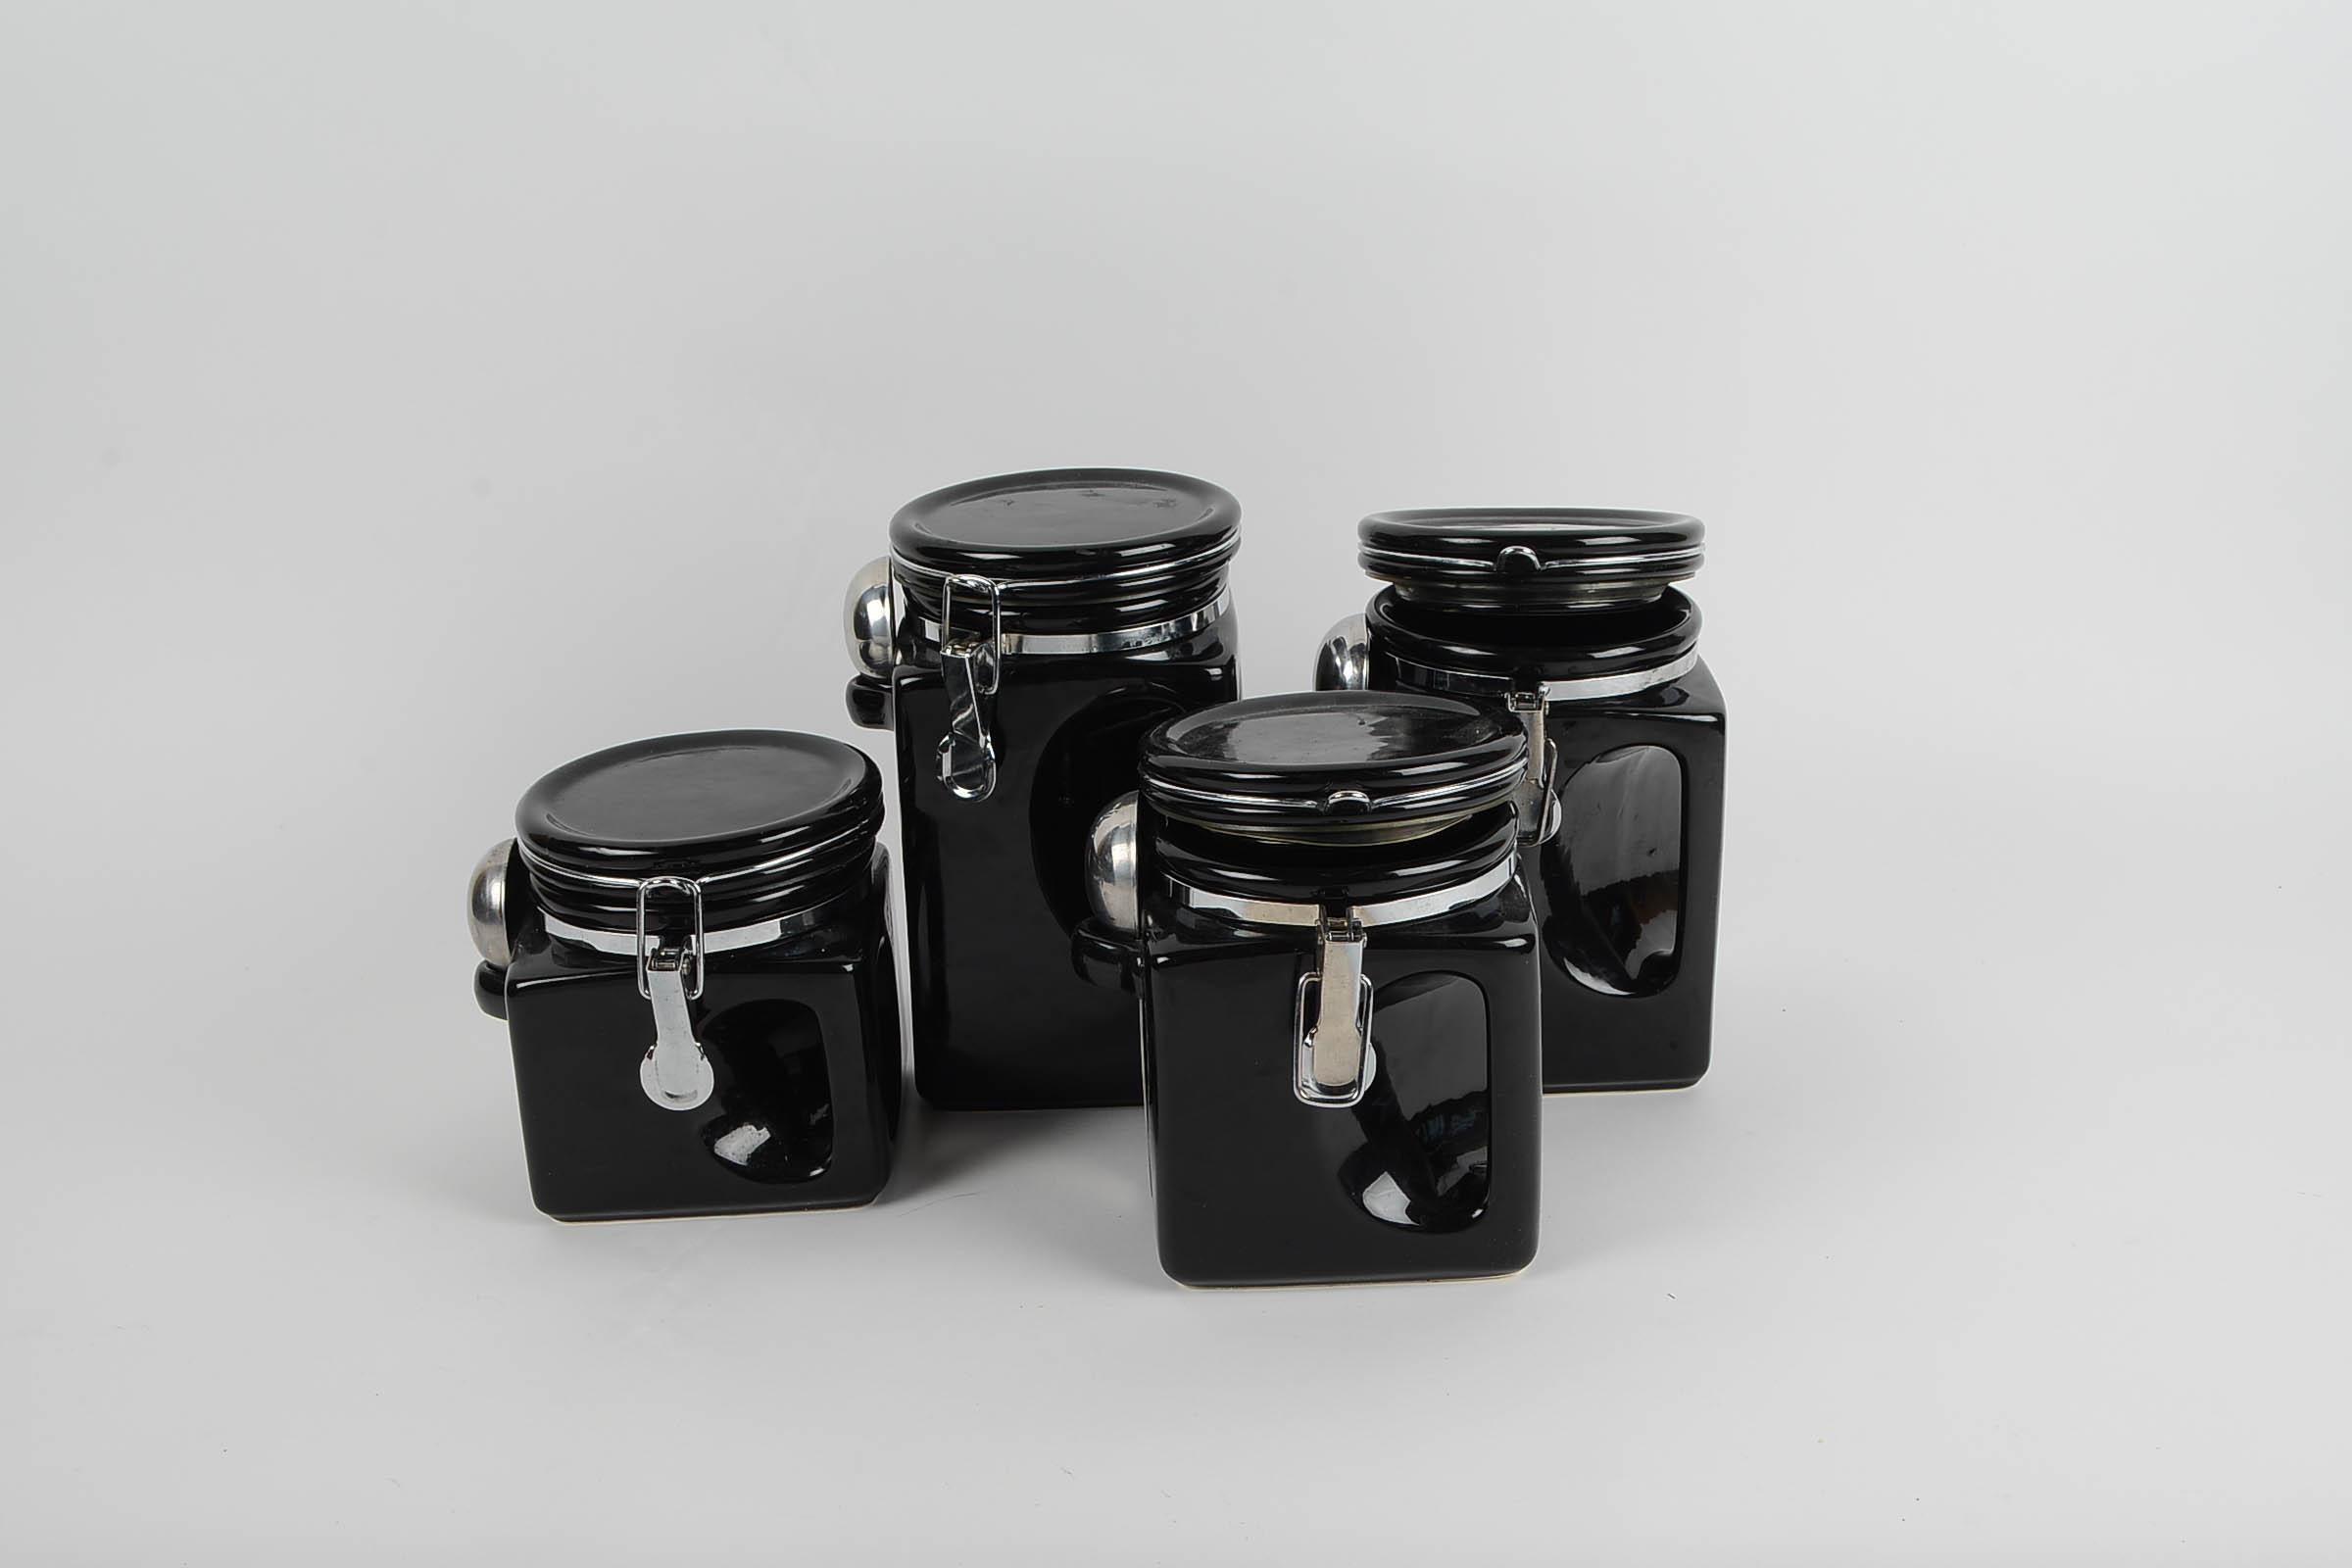 Black Ceramic Kitchen Canister Sets